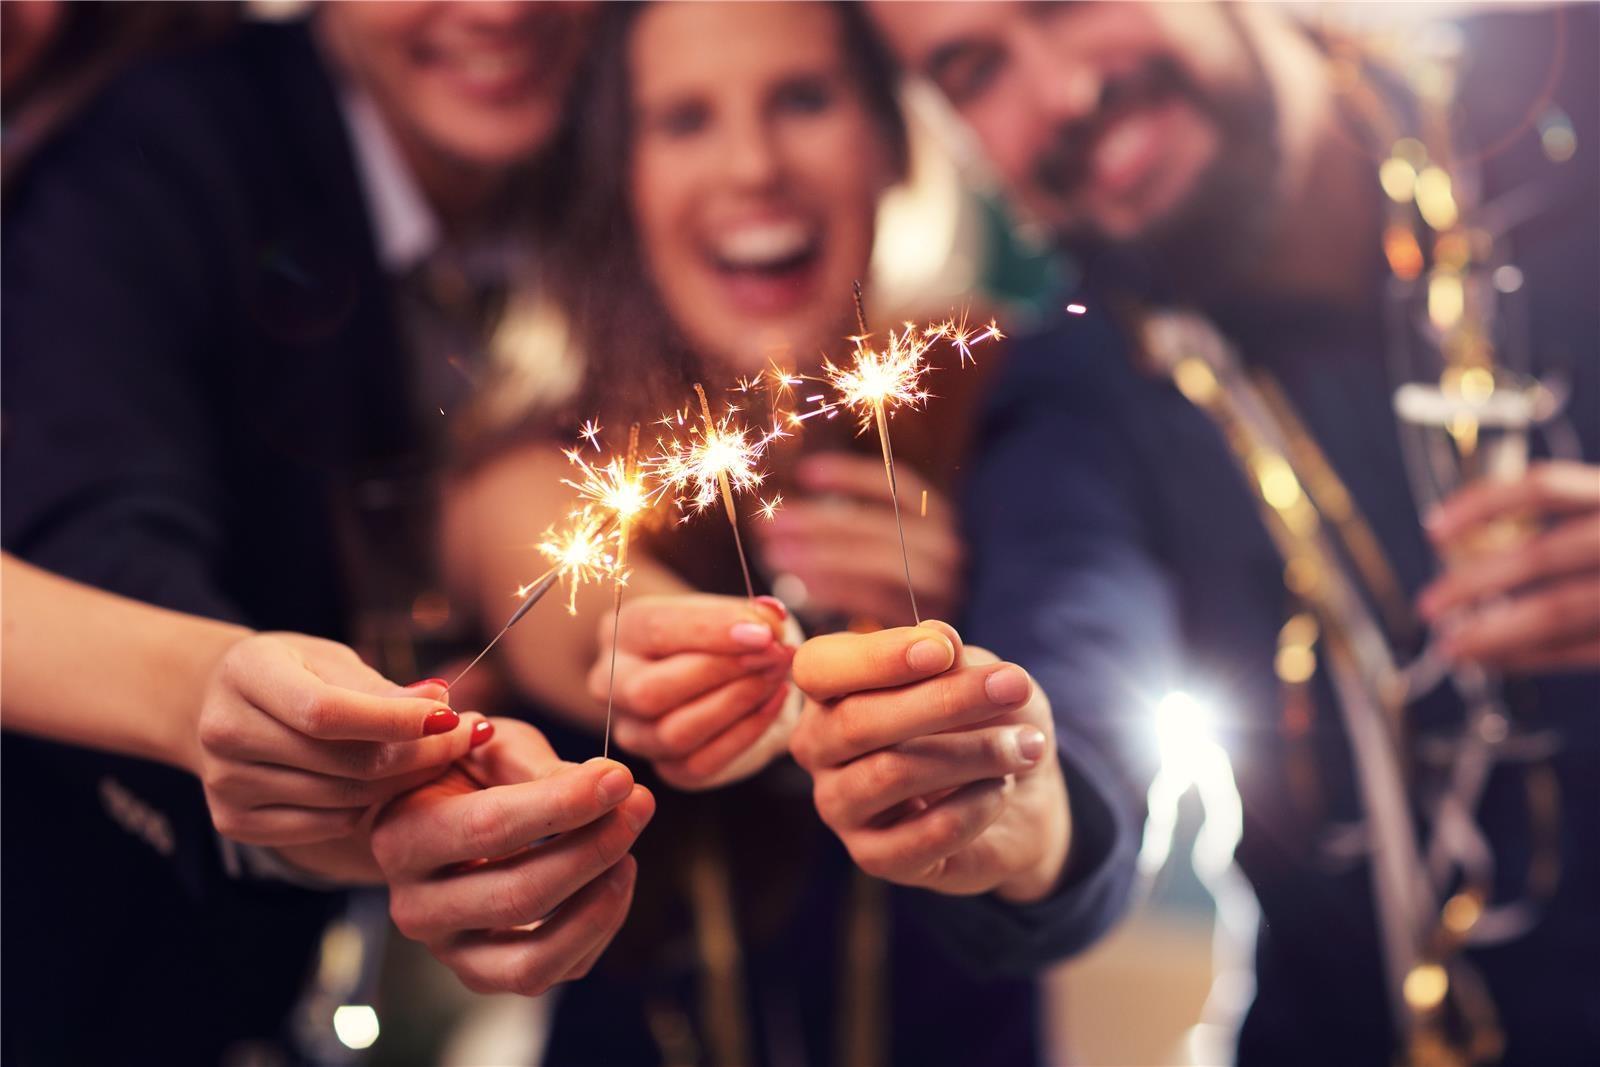 מסיבת שנה חדשה (צילום: Shutterstock)